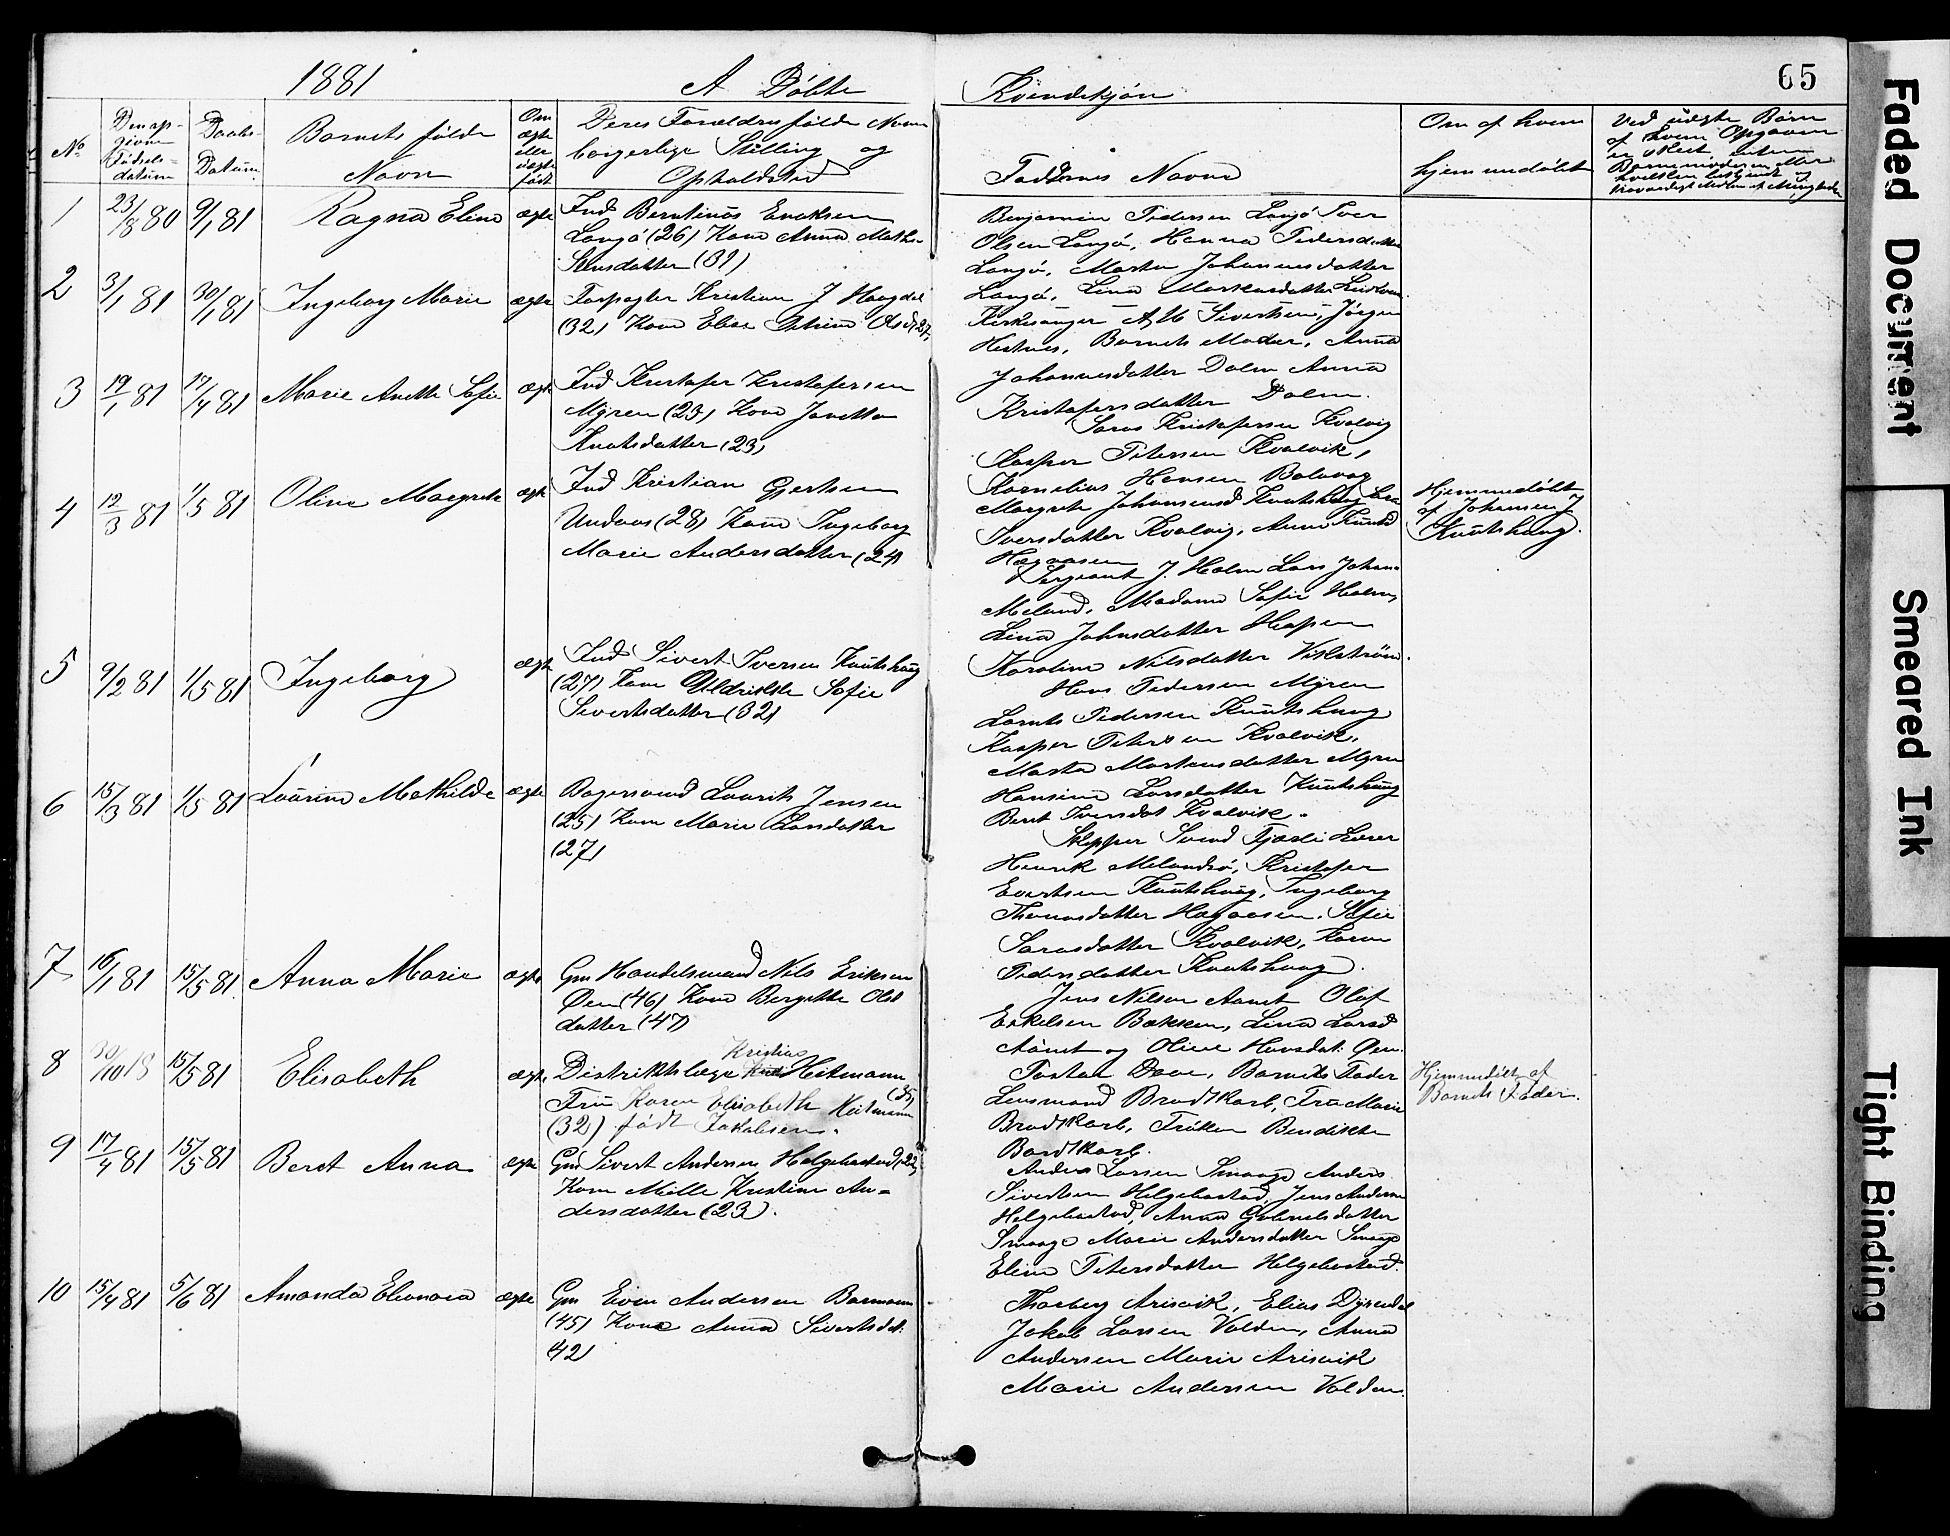 SAT, Ministerialprotokoller, klokkerbøker og fødselsregistre - Sør-Trøndelag, 634/L0541: Klokkerbok nr. 634C03, 1874-1891, s. 65